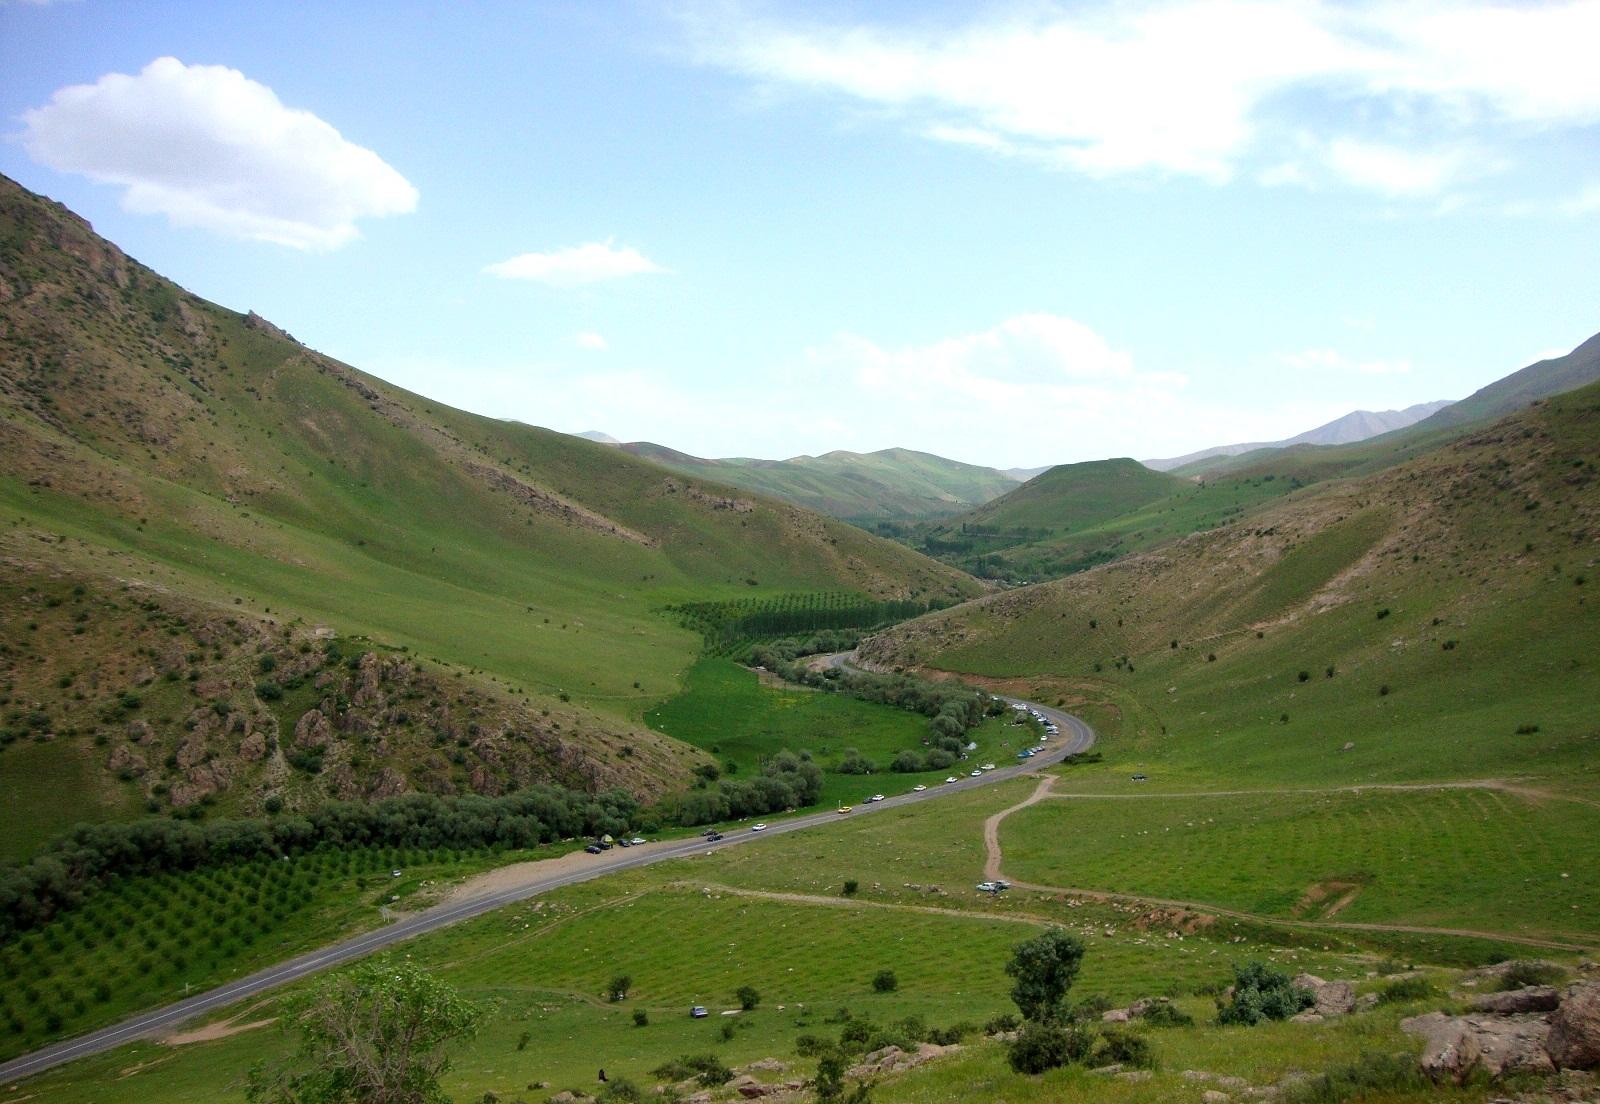 1591 1576 1610 1593 1578 1583 1585 1607 1602 1575 1587 1605 1604 1608 1 e1563864128545 - بهترین جاهای دیدنی ارومیه ، آذربایجان غربی | Urmia